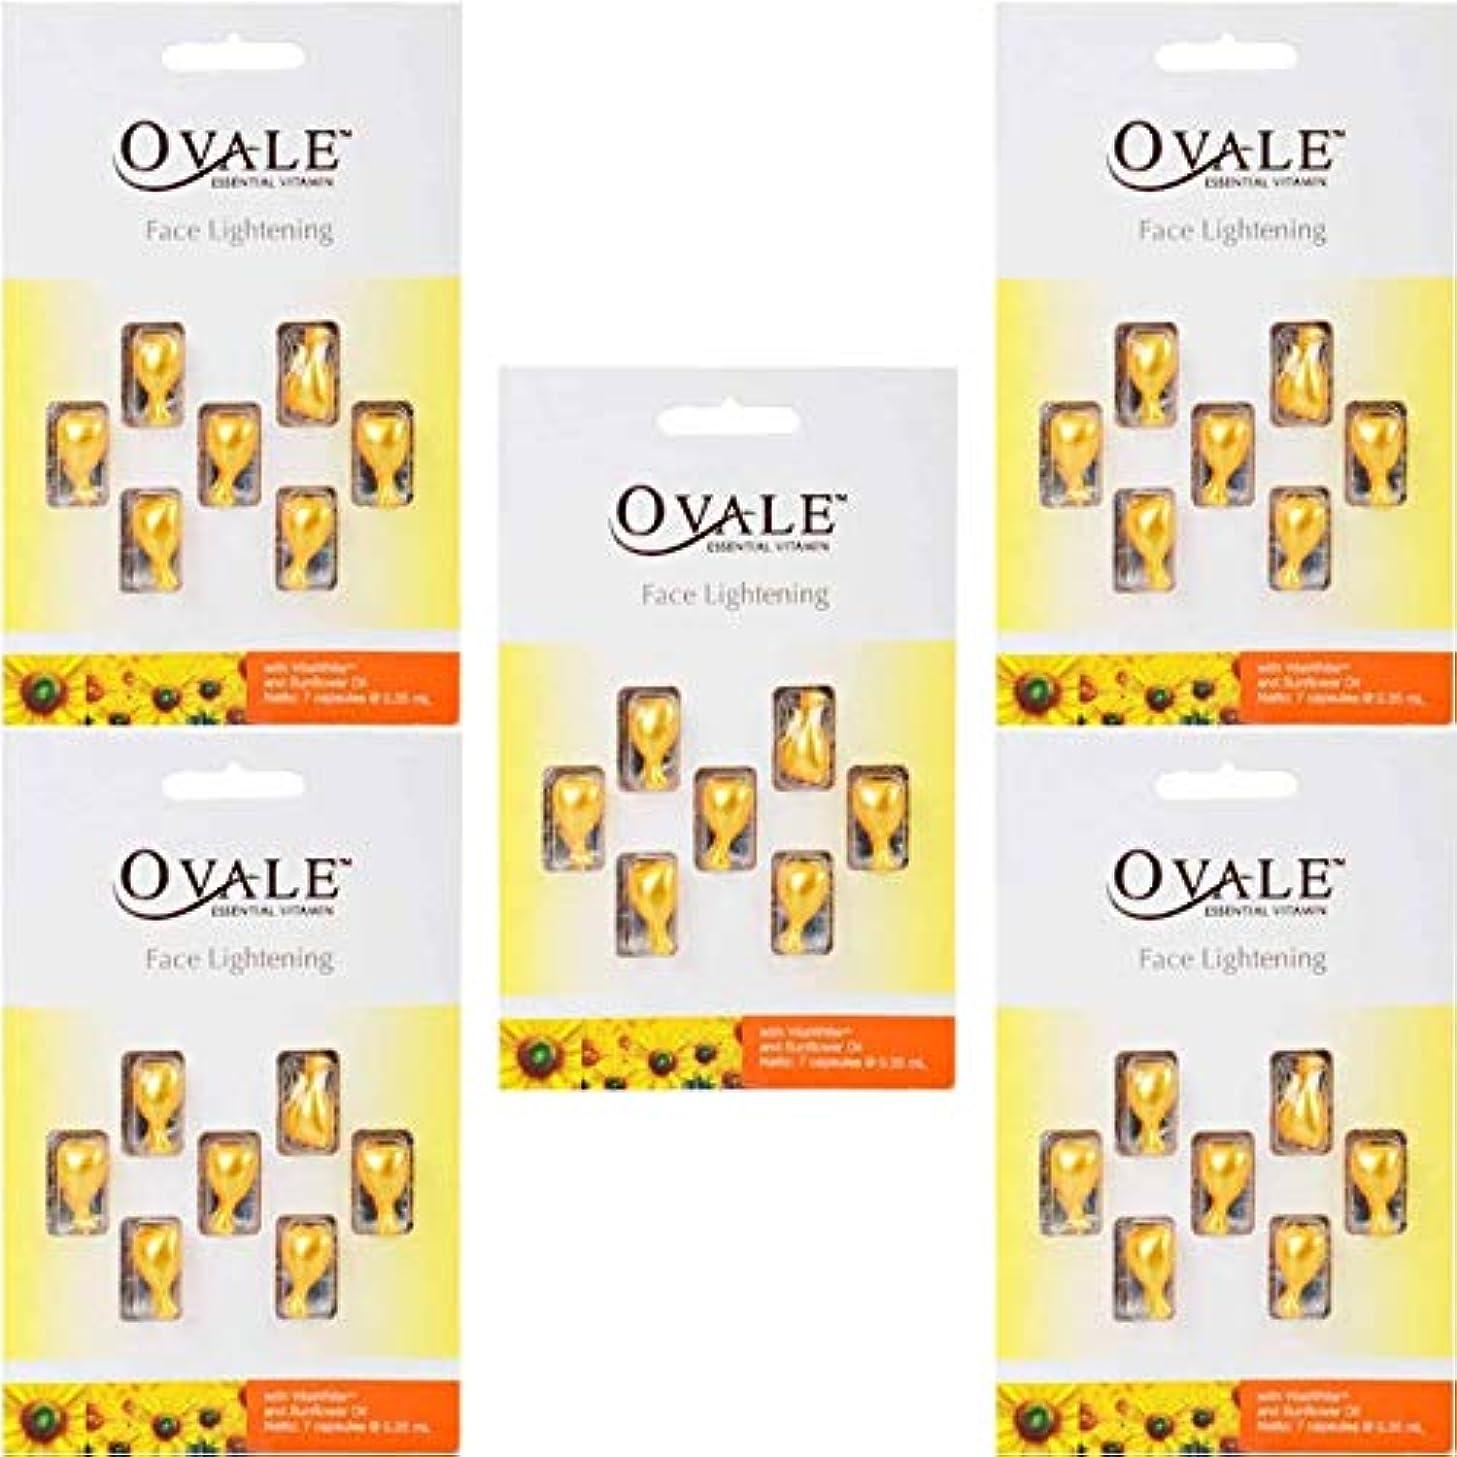 母狐ナインへOvale オーバル フェイシャル美容液 essential vitamin エッセンシャルビタミン 7粒入シート×5枚セット サンフラワー [海外直送品]